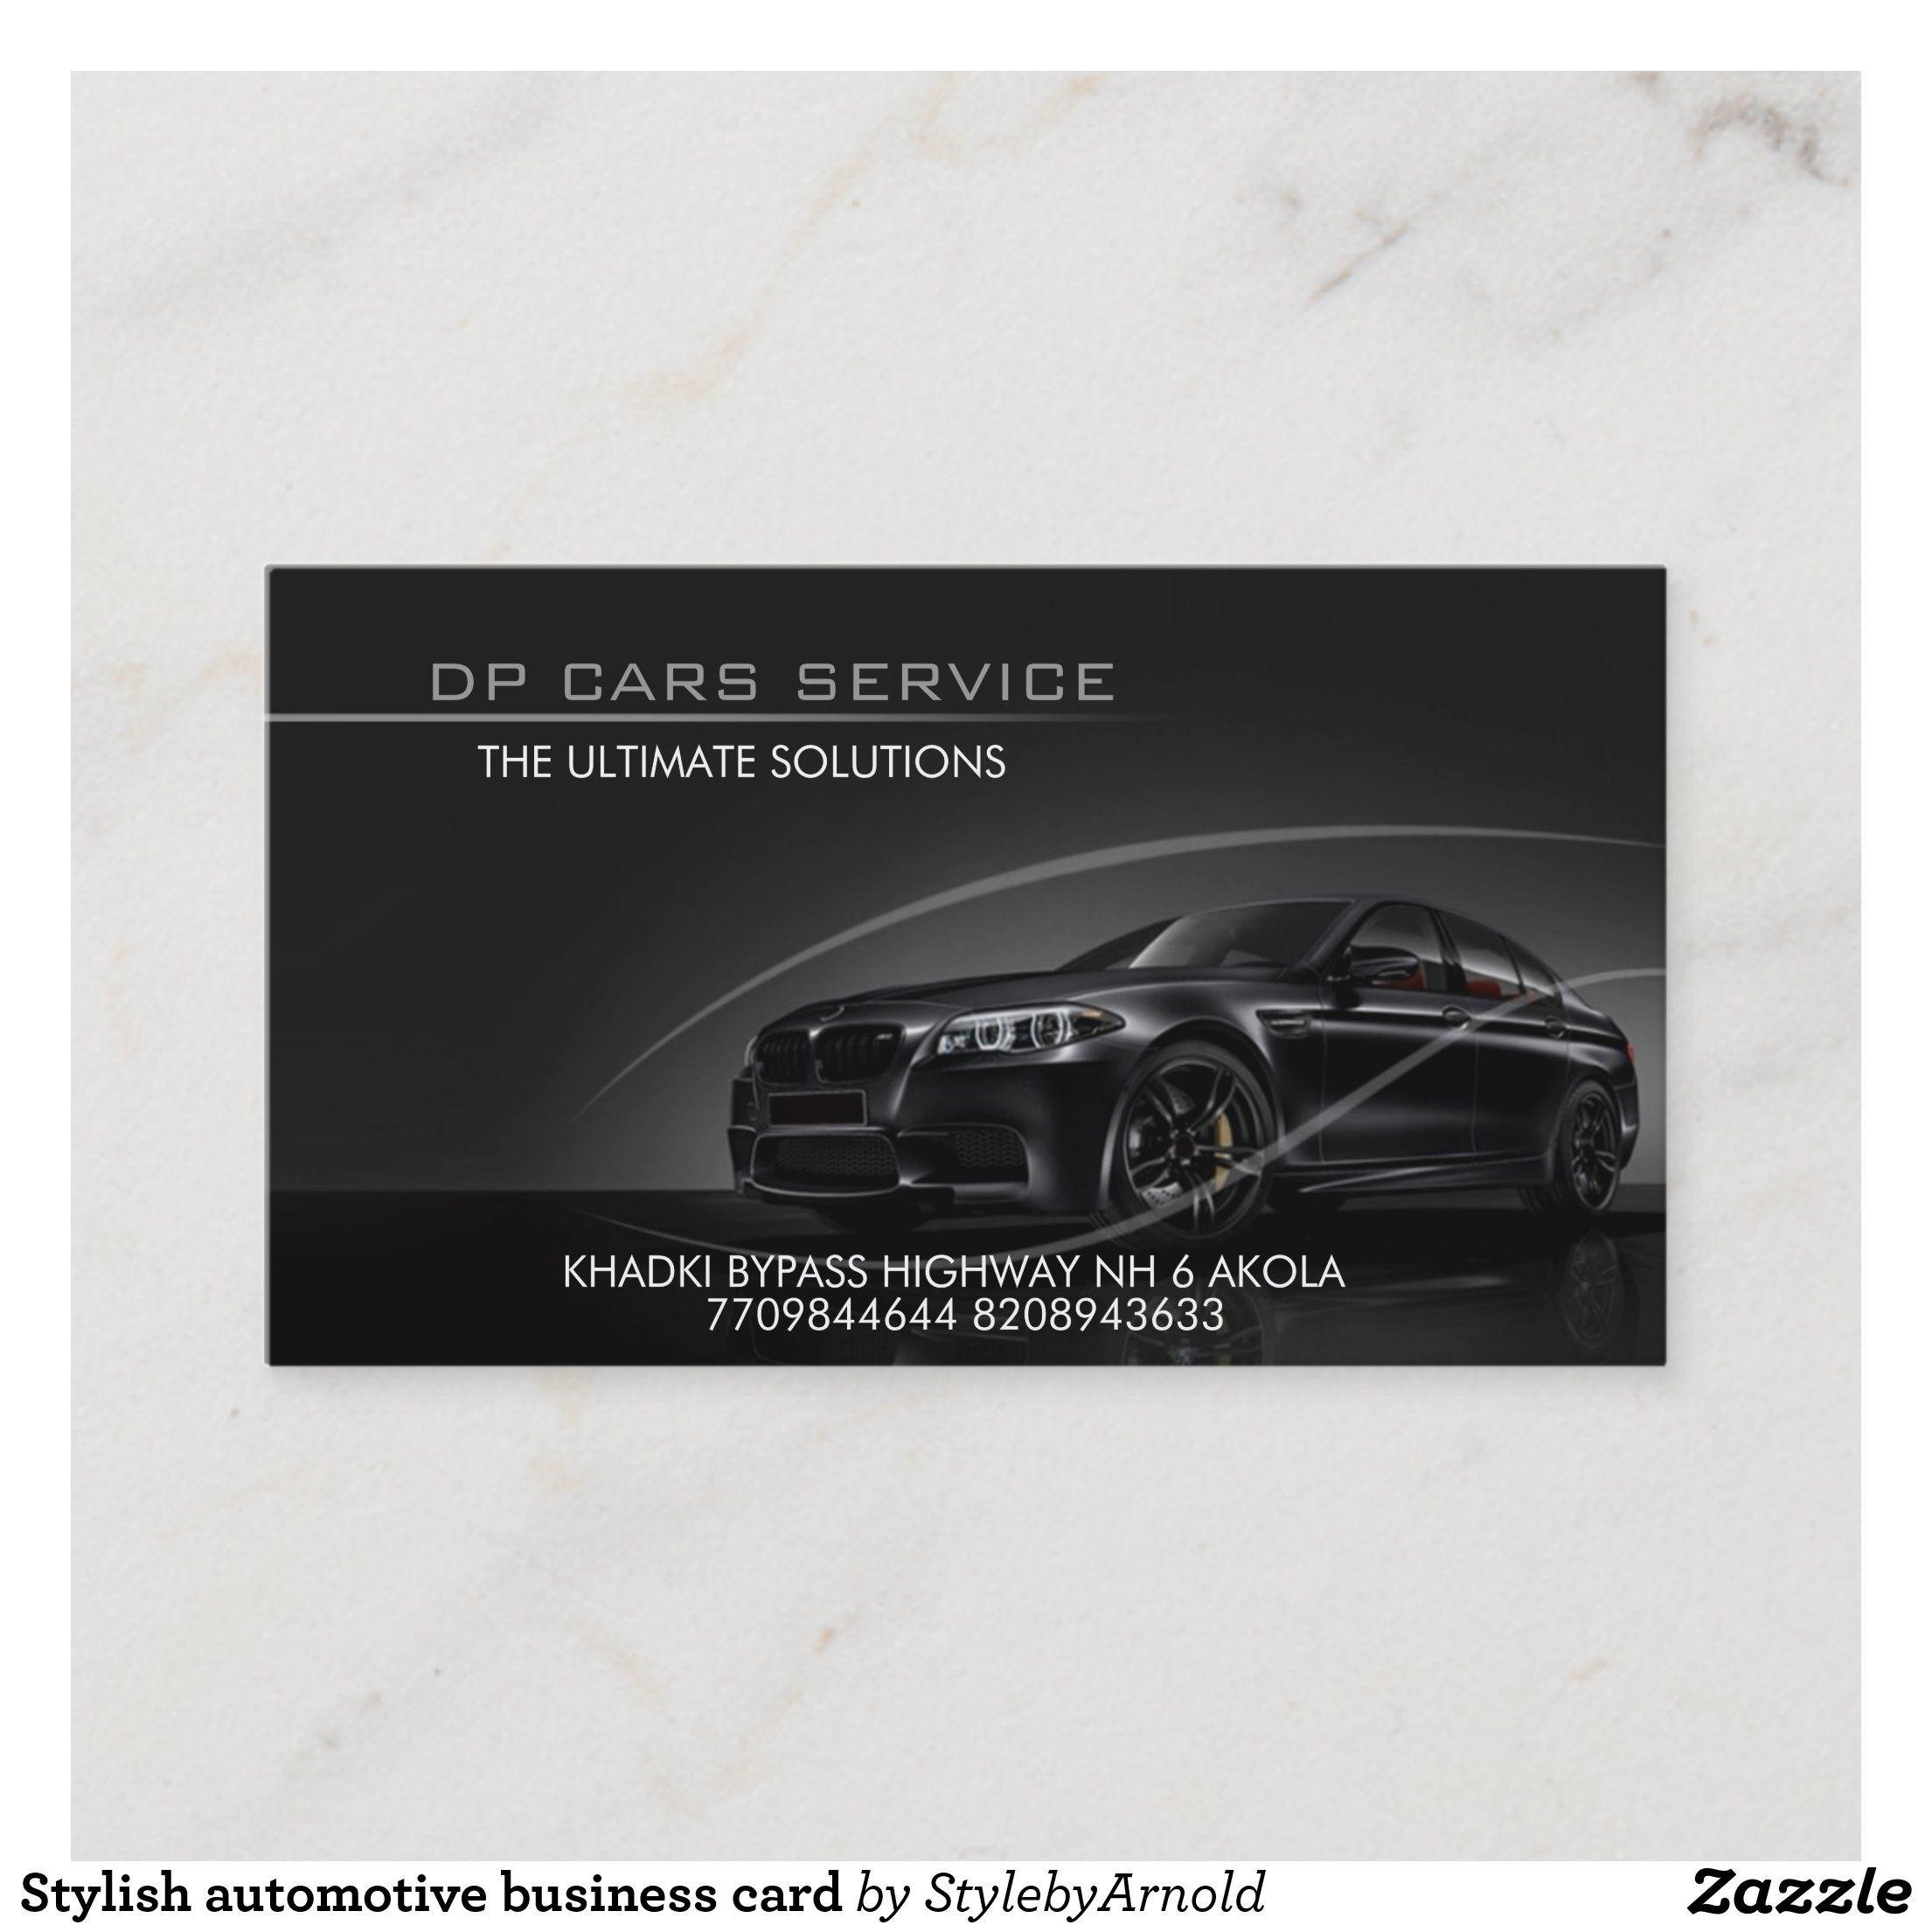 Stylish Automotive Business Card Zazzle Com In 2021 Business Cards Creative Business Cards Business Card Logo